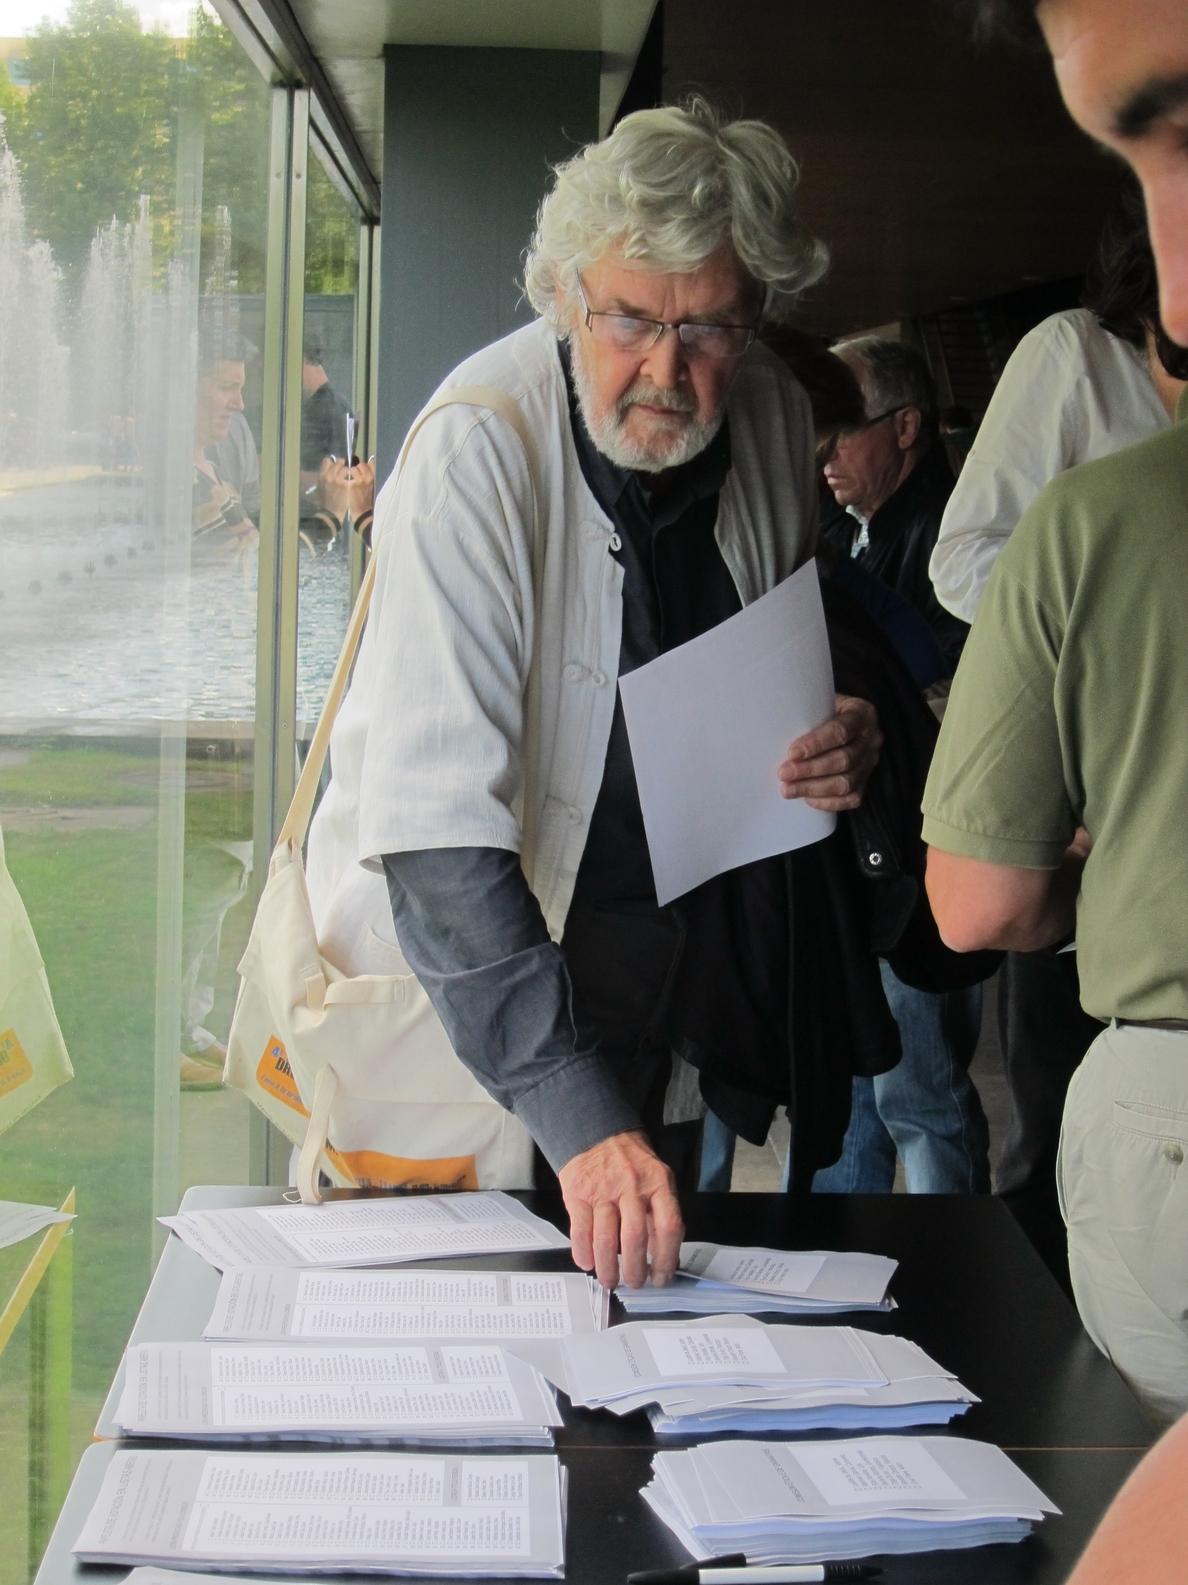 El partido de Beiras irá en coalición con Izquierda Unida en las Europeas